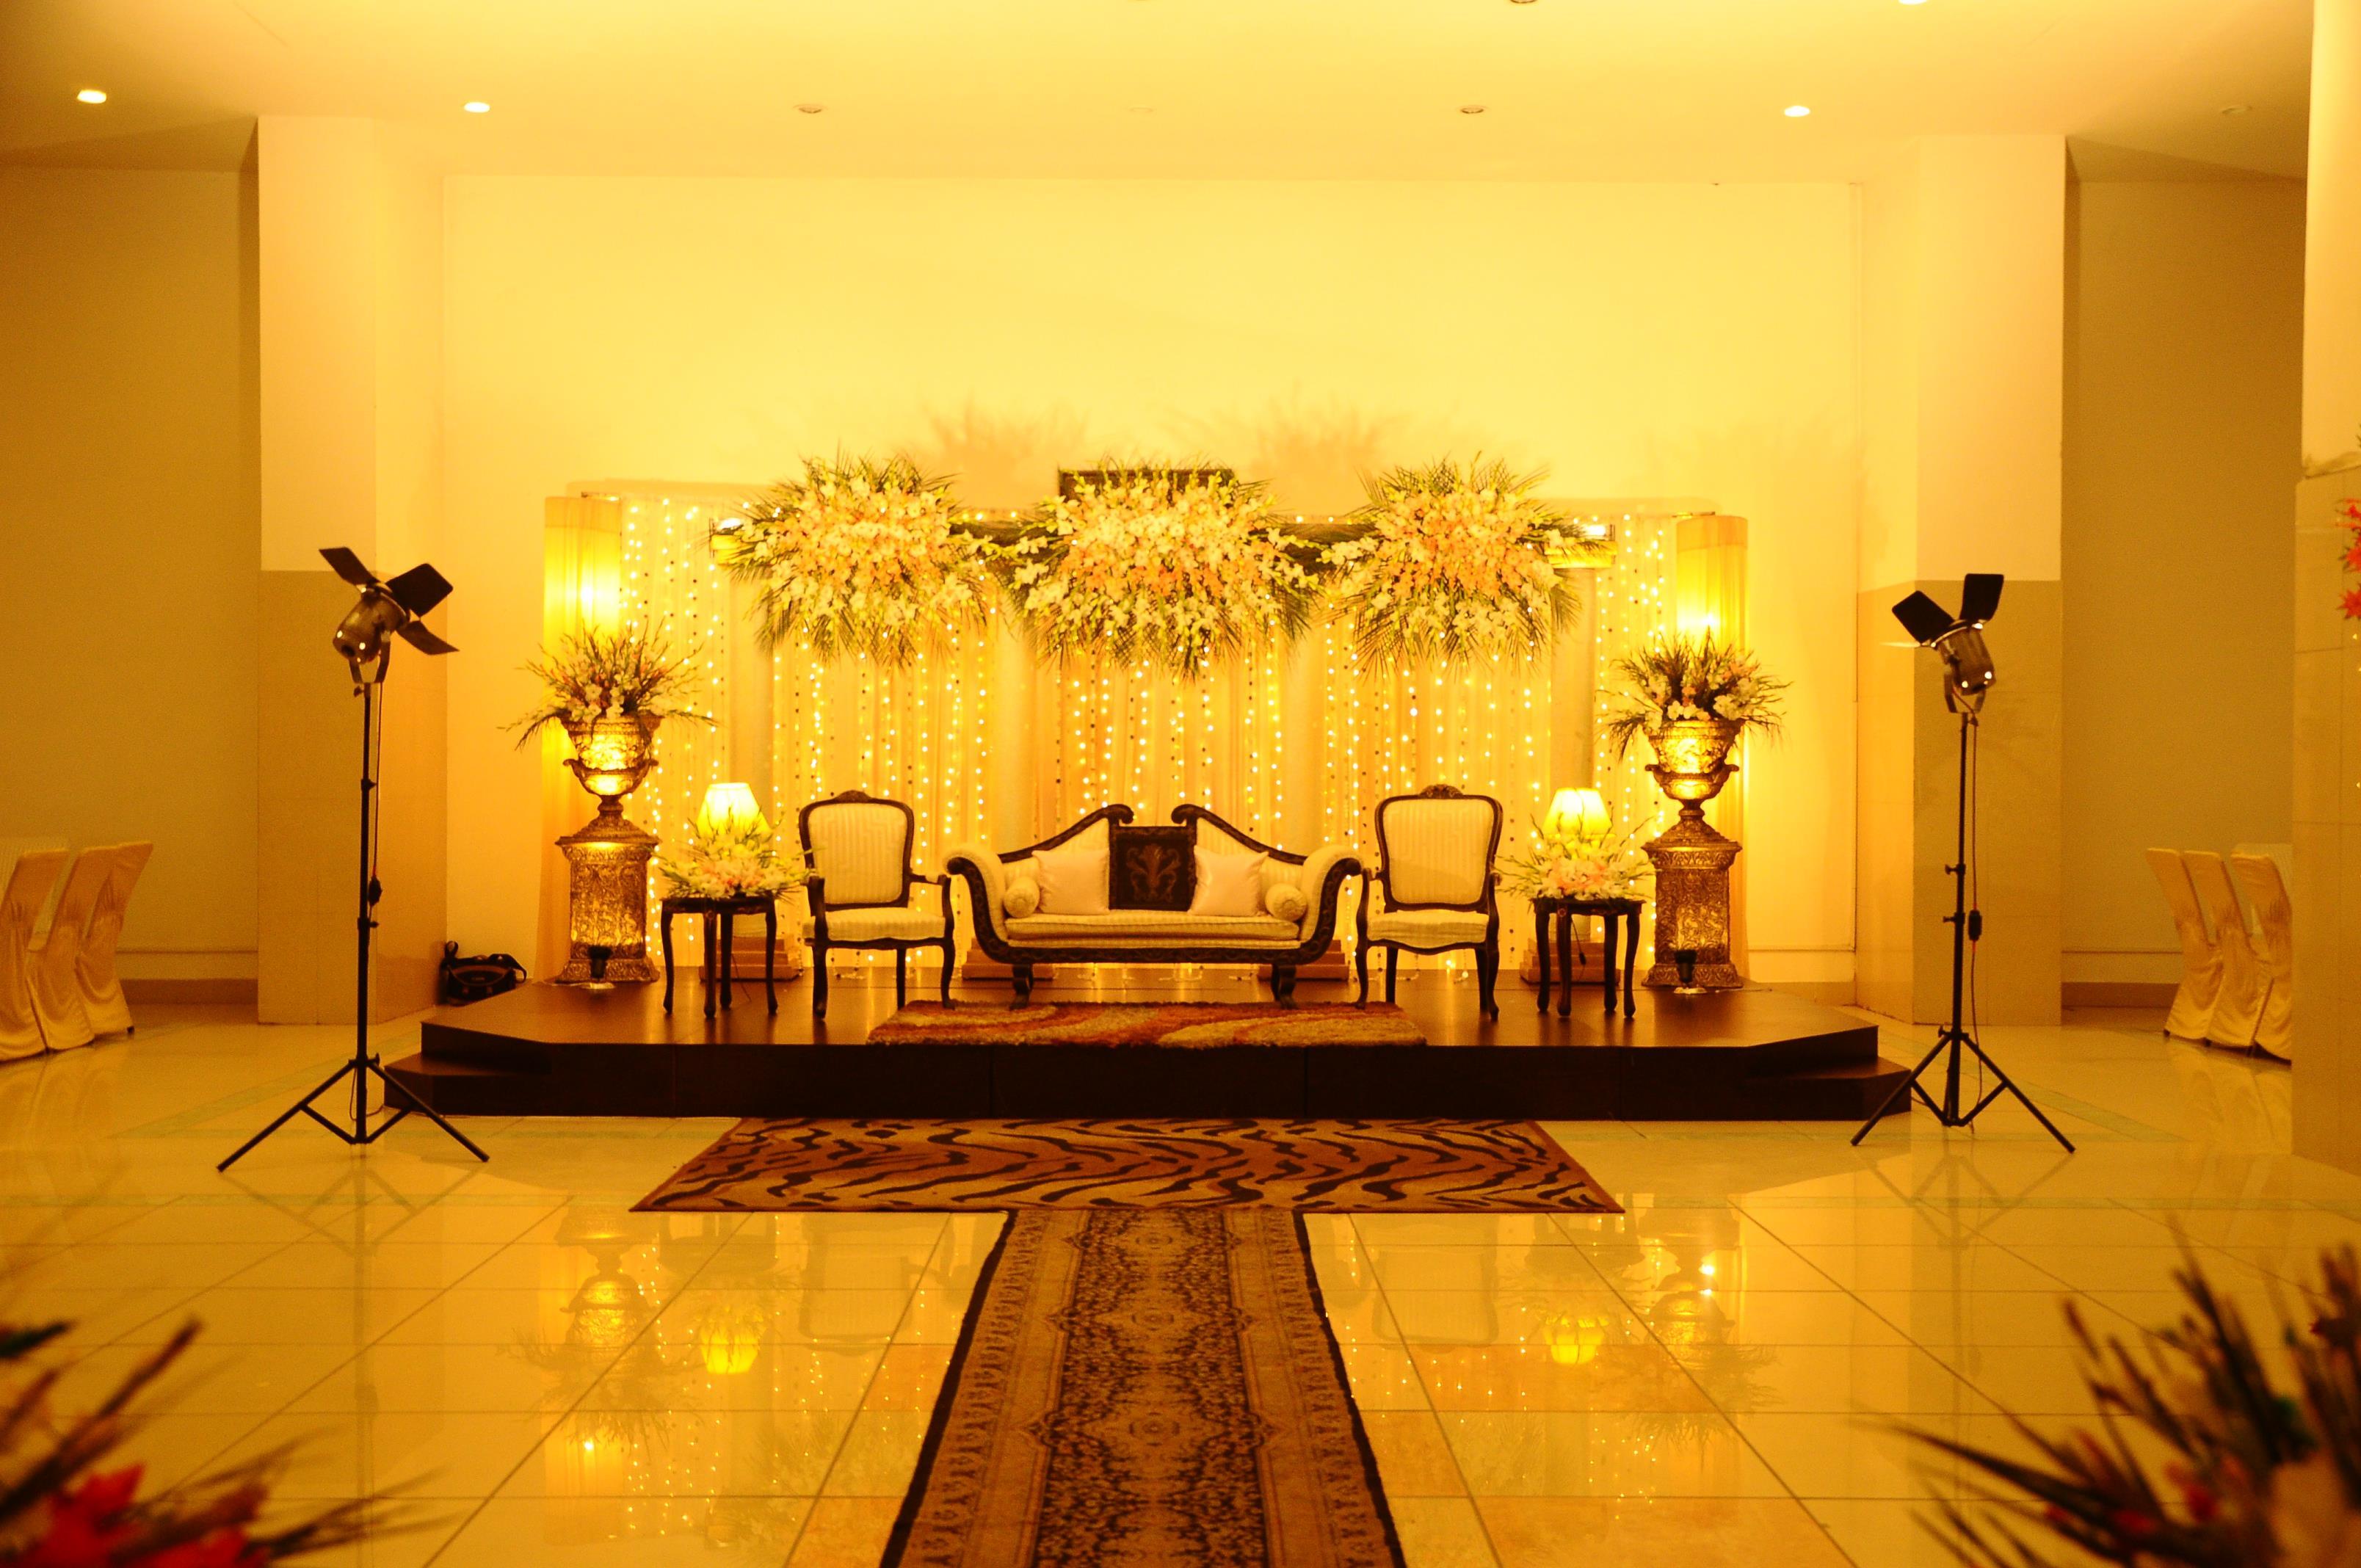 Decent Lodge, 4D 6th Road, Satellite Town, Rawalpindi., Rawalpindi